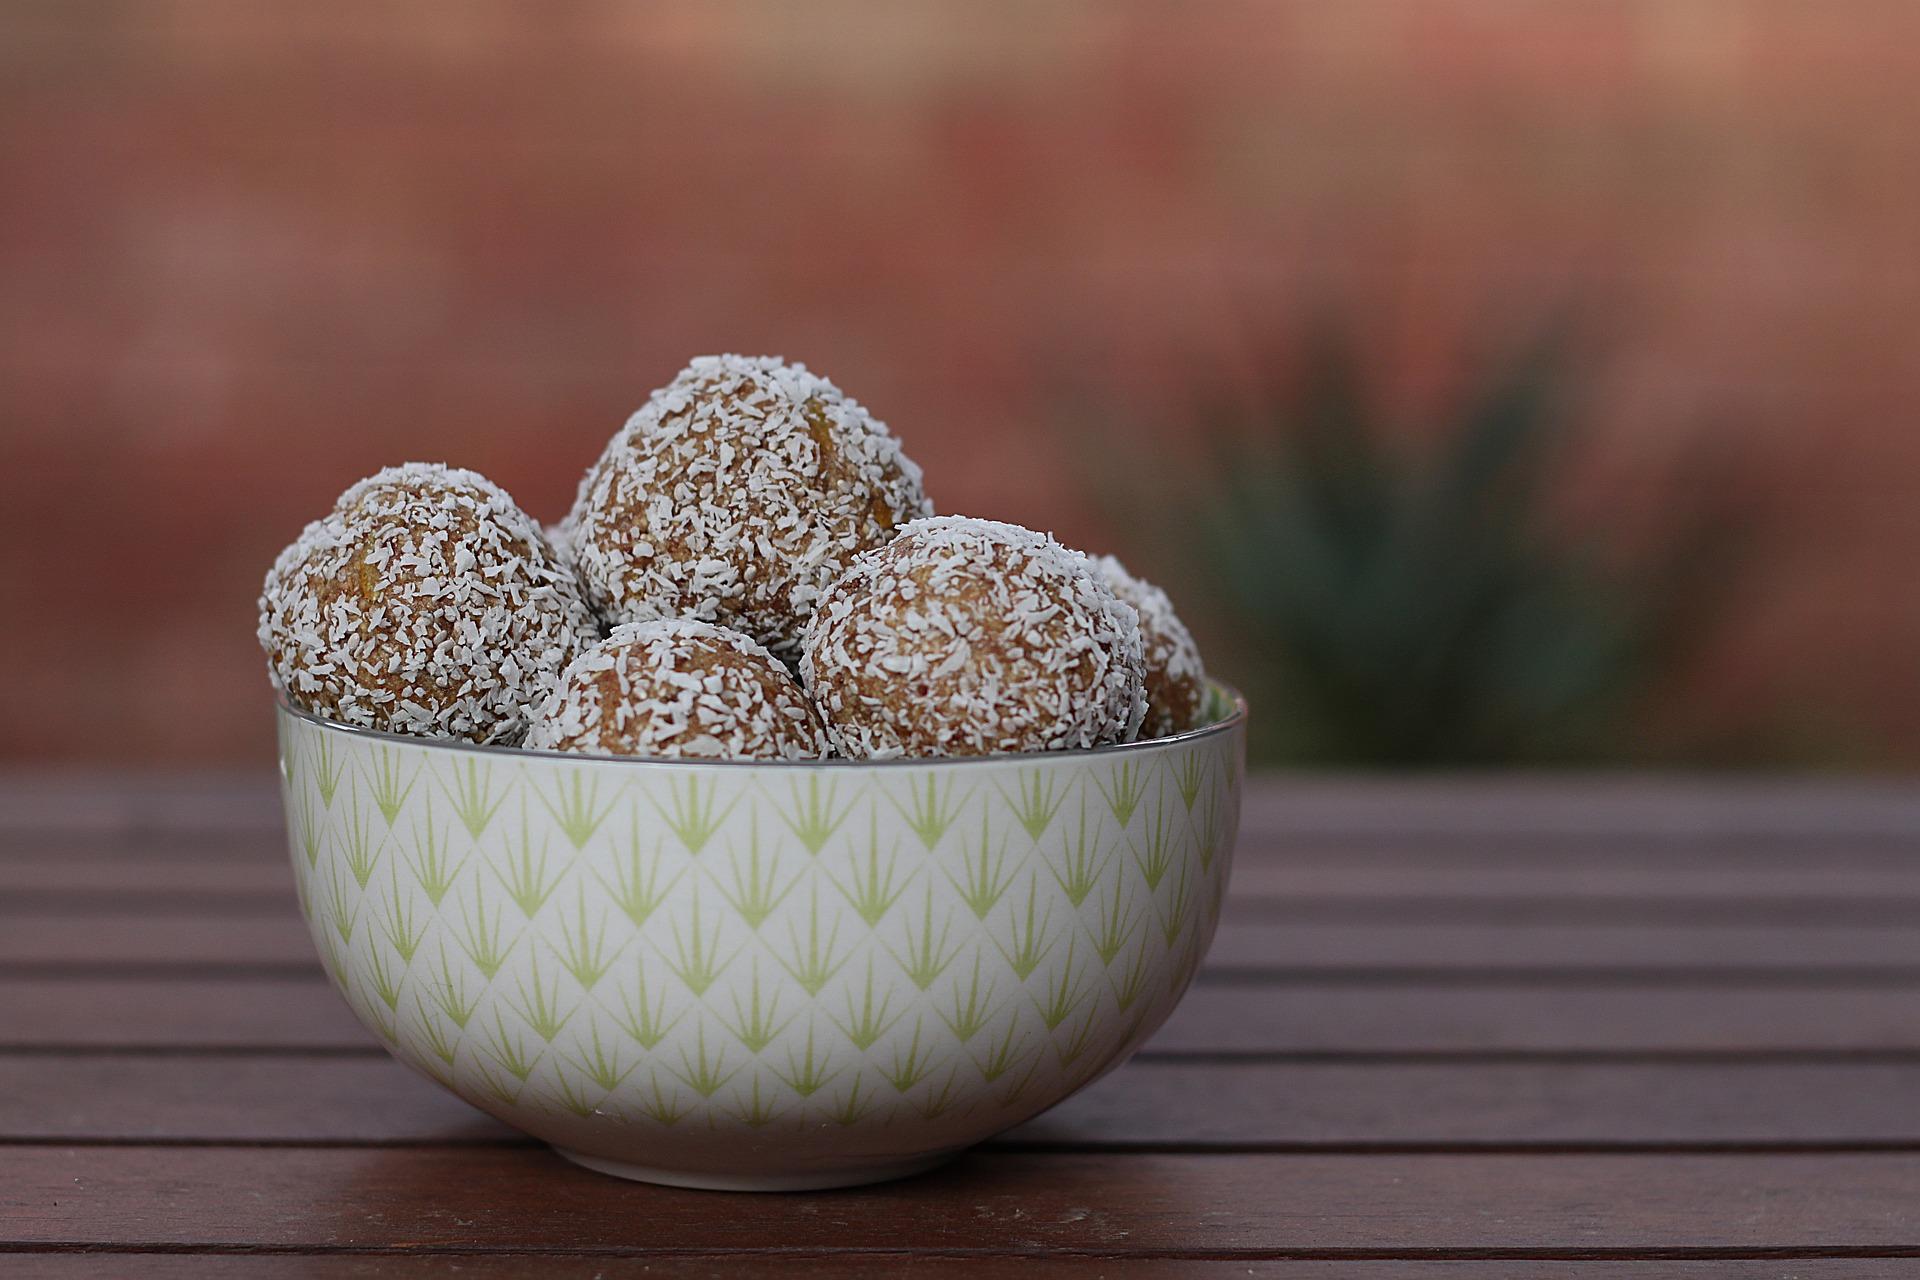 prajiturele-cu-ulei-de-cocos.jpg